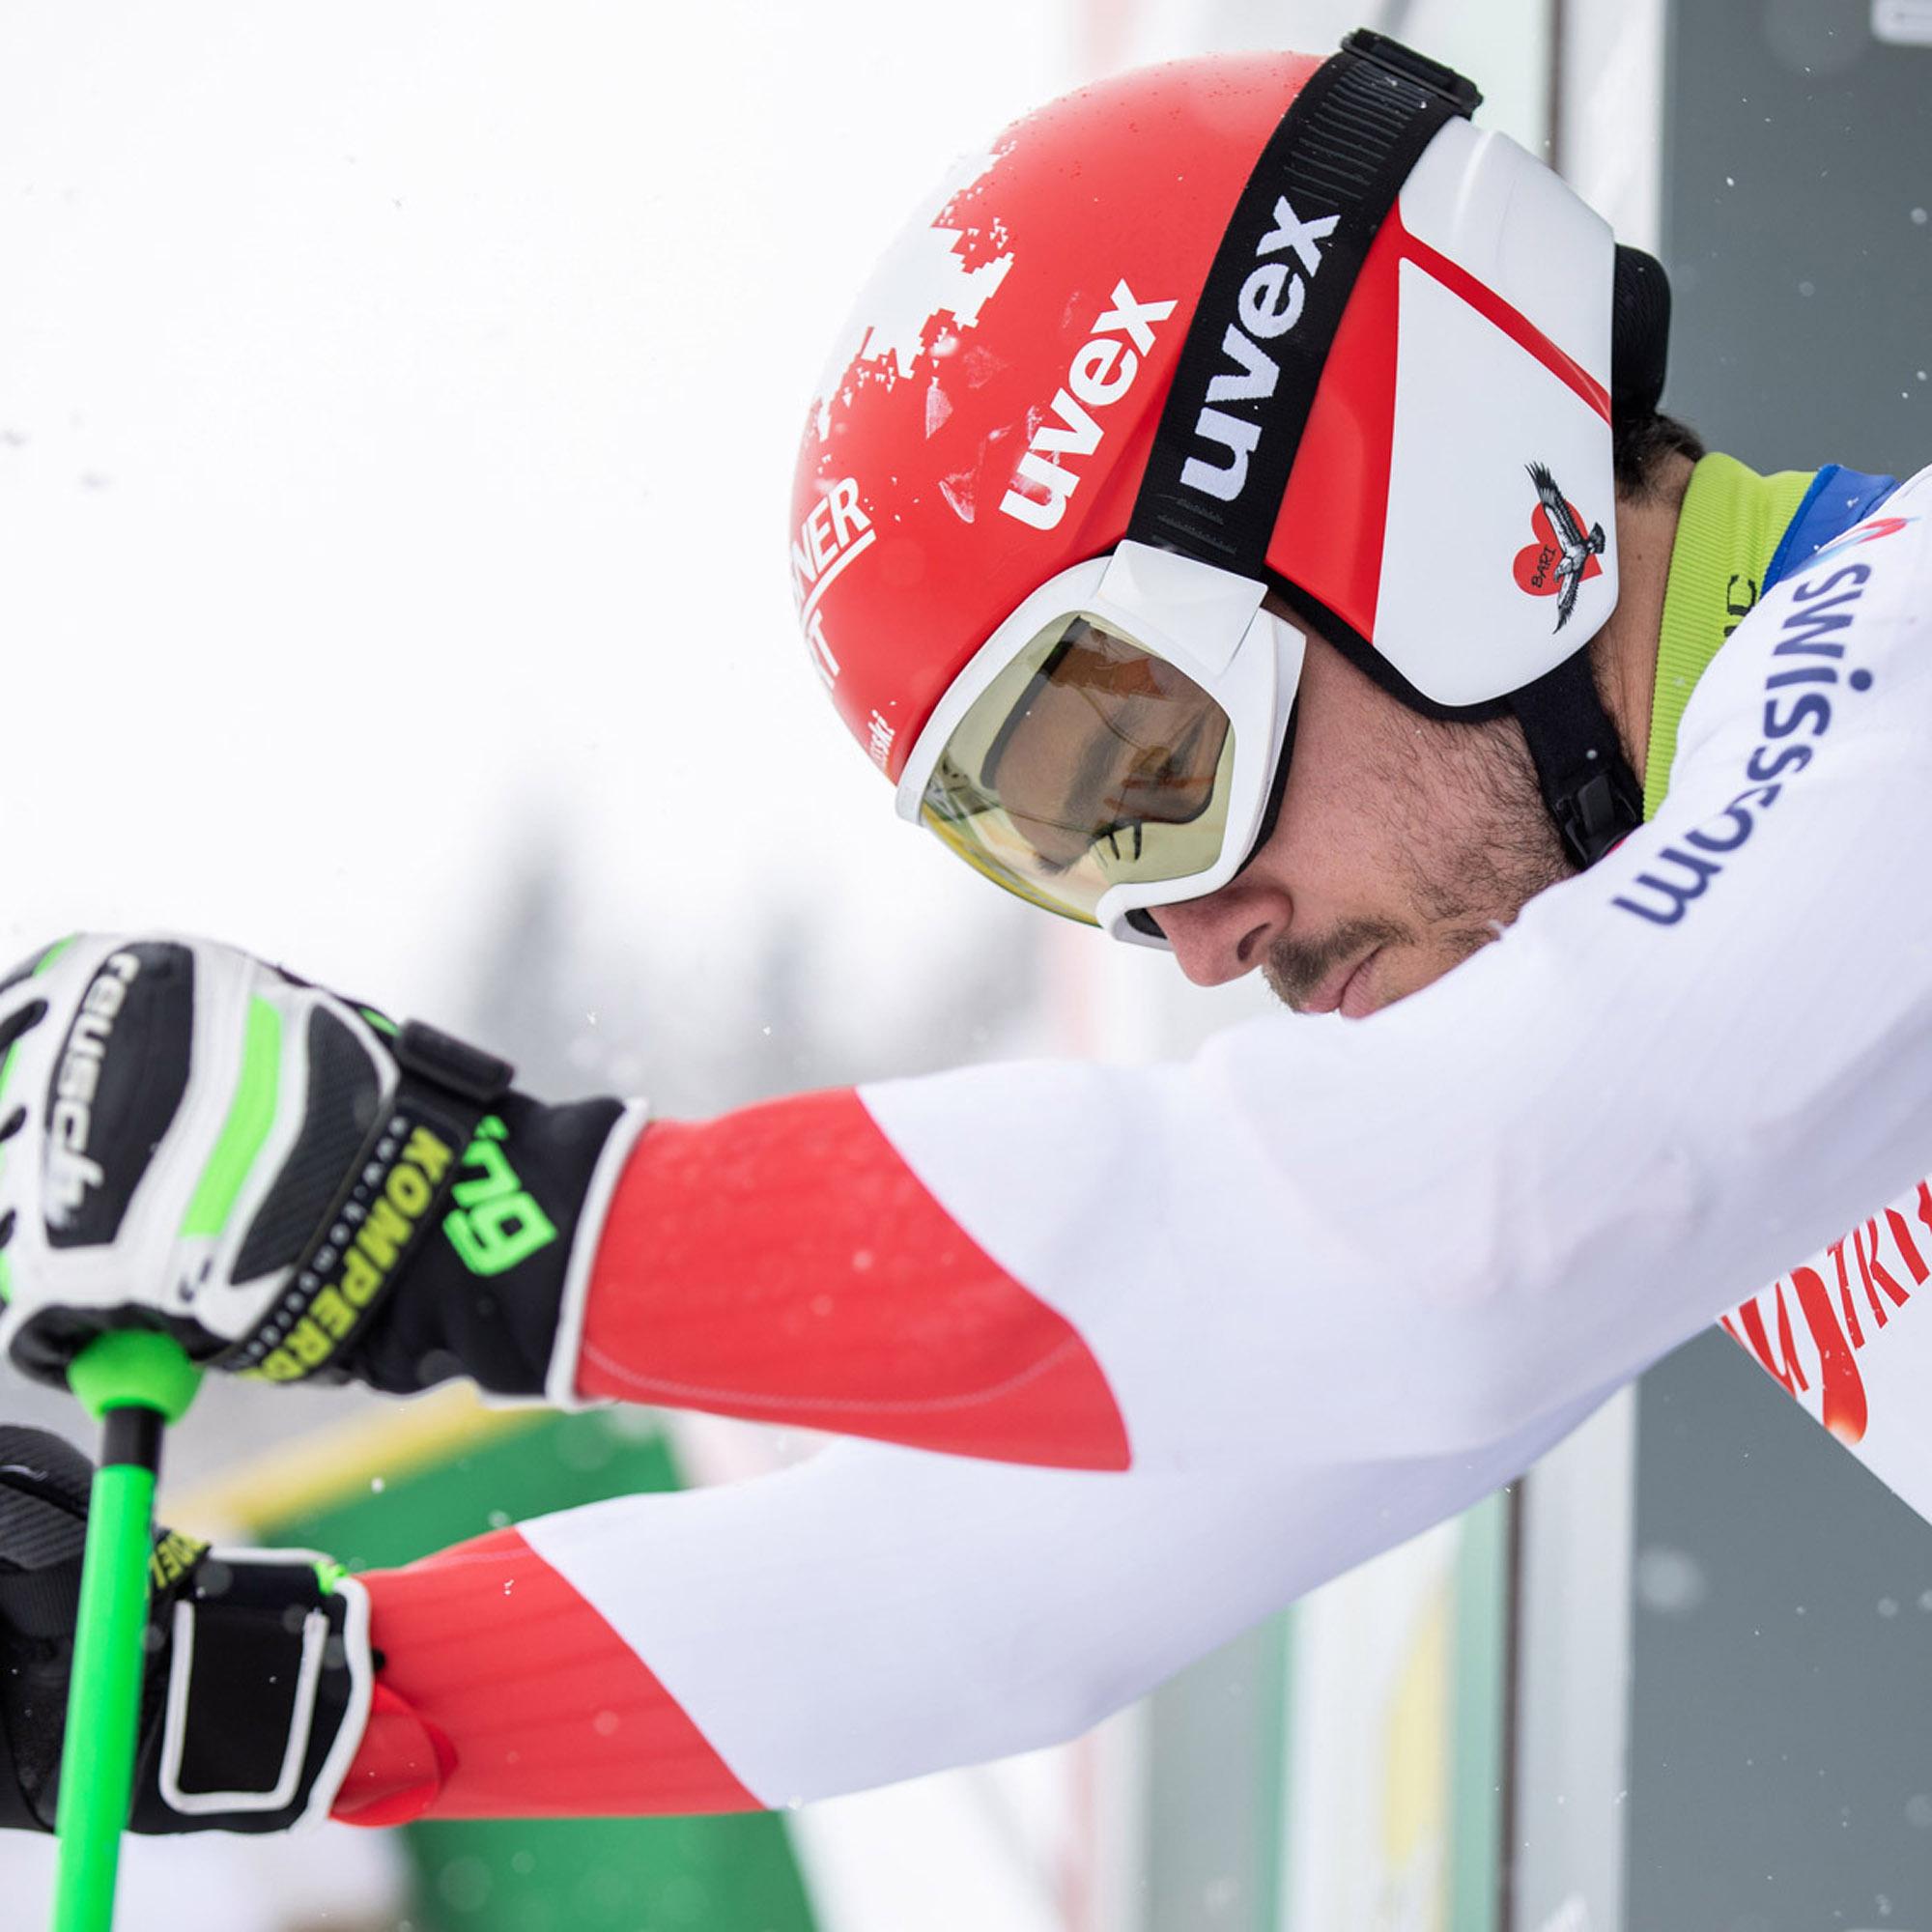 Carlo Janka